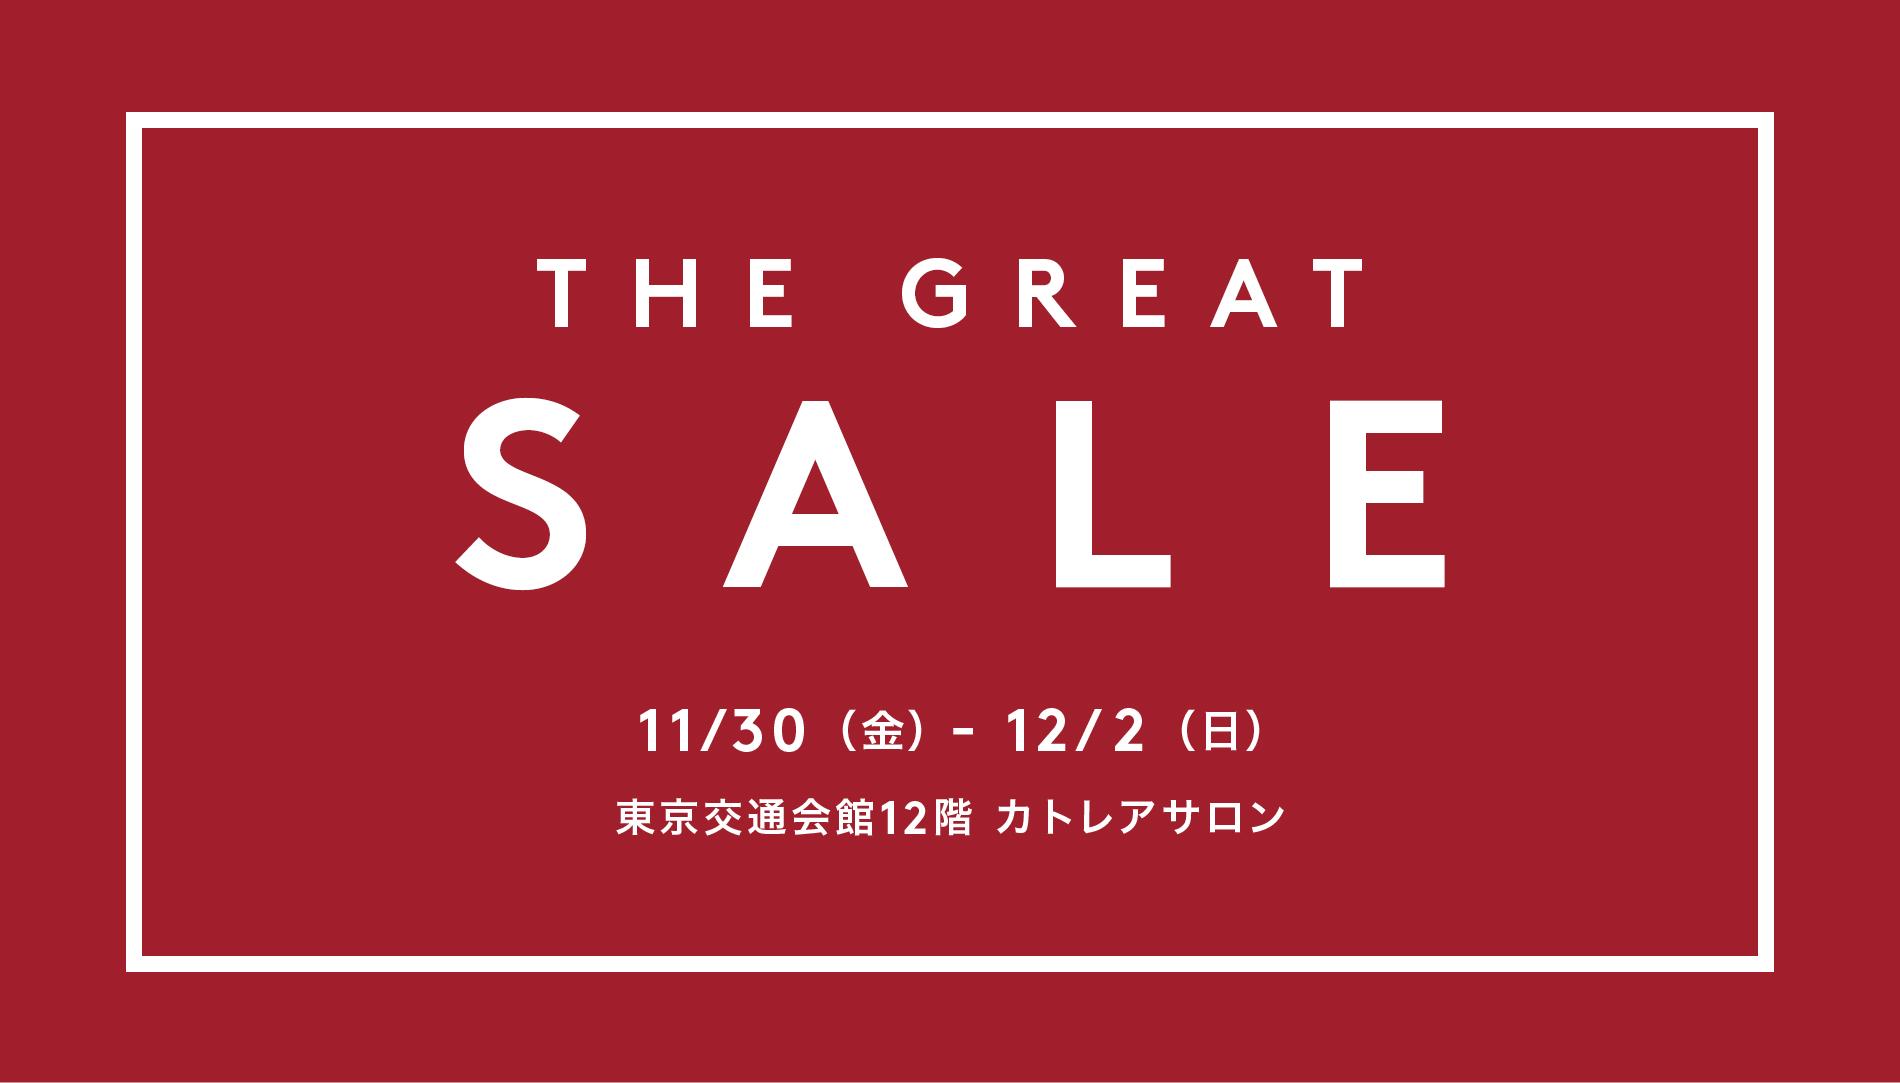 東京 「バーニーズニューヨーク ファミリーセール」開催2018年11月30日ー12月2日